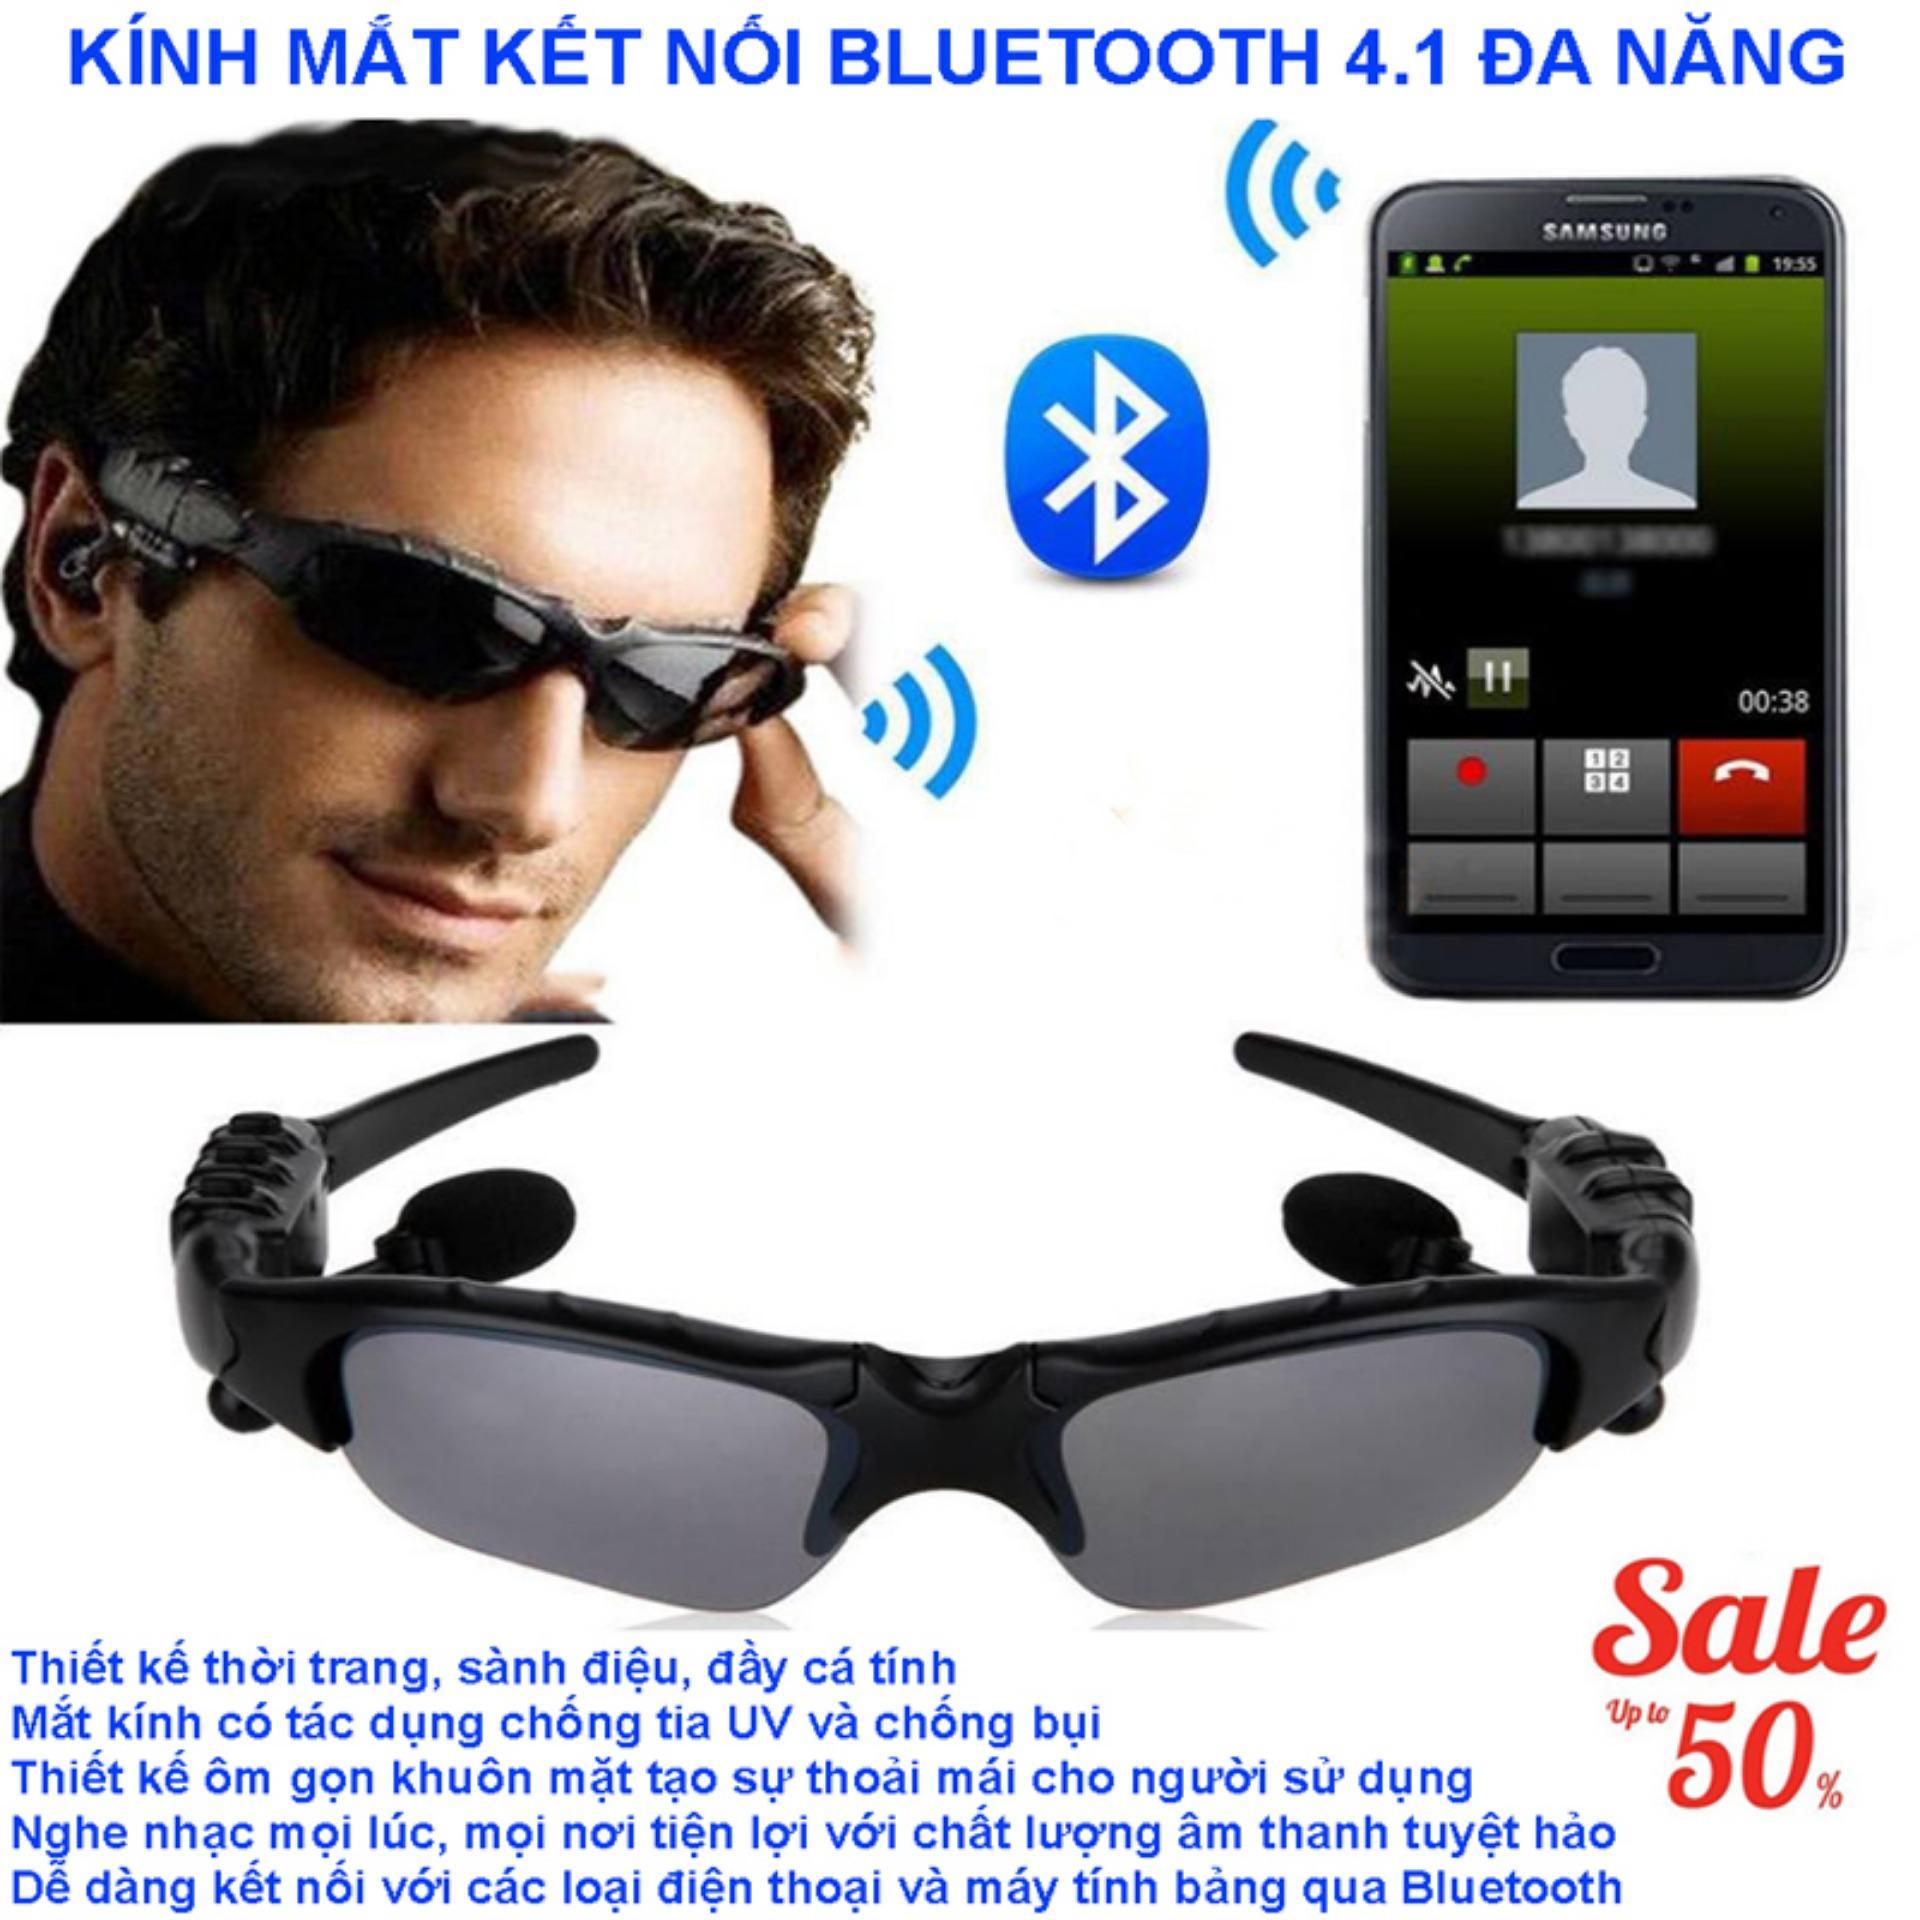 Giá Mắt Kính Có Tai Nghe Bluetooth, Mắt Kính Bluetooth Mp3, Mắt Kính Bluetooth 4.1 Thông Minh Đa Chức Năng Bảo Hành Uy Tín Trên Toàn Quốc Sale 50%